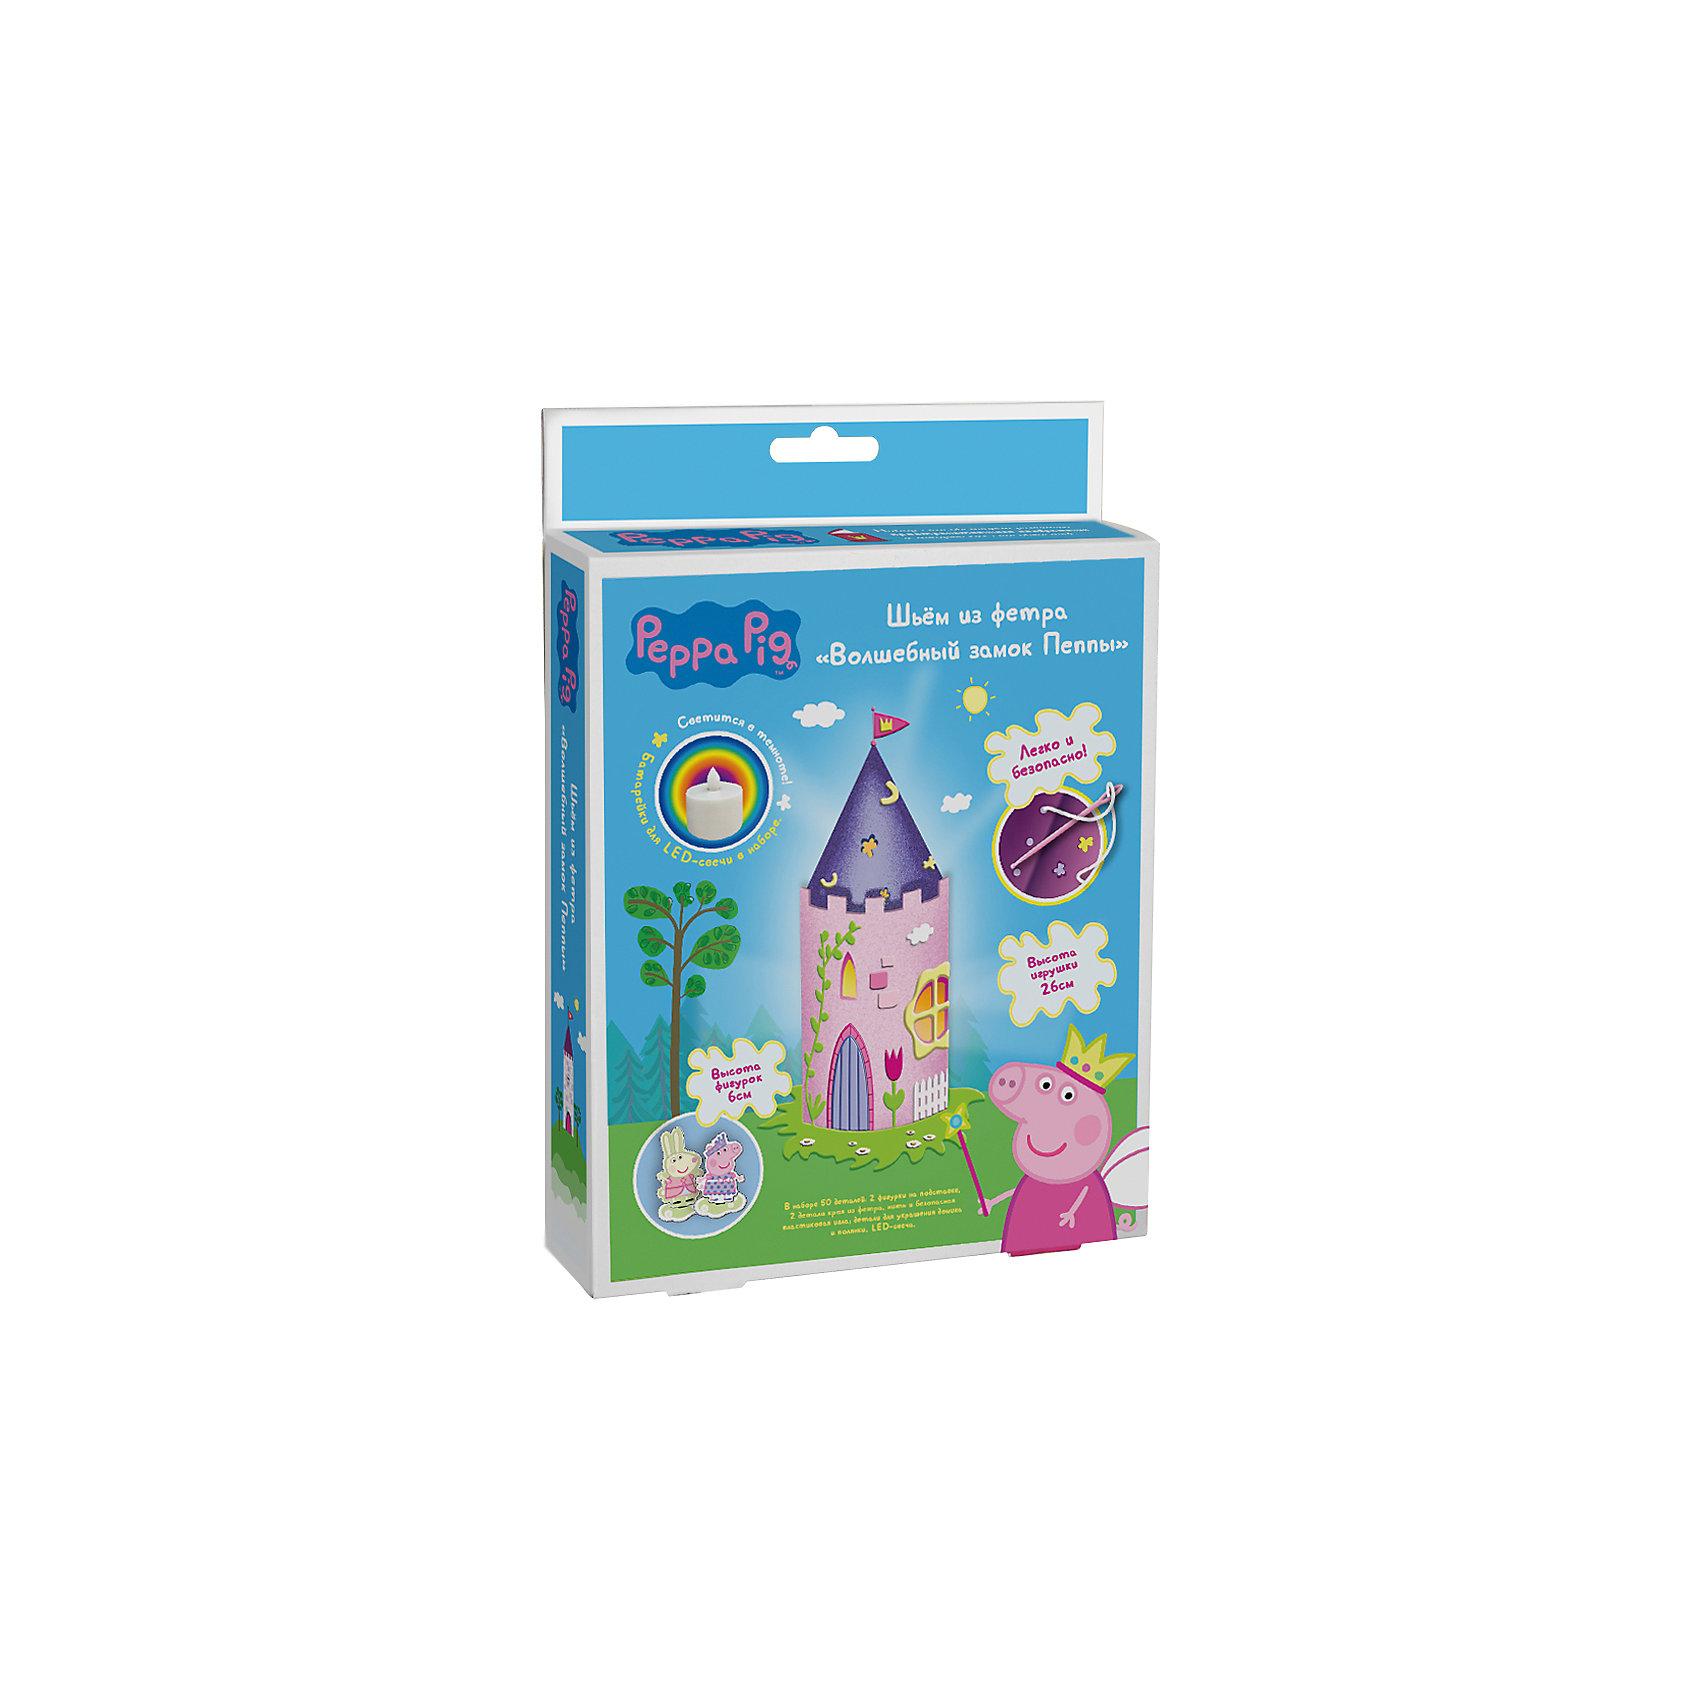 Шьем из фетра Волшебный замок Пеппы, Peppa PigСвинка Пеппа<br>Характеристики товара:<br><br>• комплектация: 2 игровые фигурки Пеппы и Ребекки из мягкого материала ЭВА с полноцветной печатью (на подставке), 2 фетровые детали кроя домика с перфорацией для сшивания пластиковой иглой, нить, безопасная пластиковая игла, фетровые самоклеящиеся детали для украшения домика; безопасная LED-свеча, плавно меняющая цвета; наклейки, инструкция<br>• размер готовой игрушки: 26 см<br>• домик светится изнутри<br>• 4 батарейки типа LR1130 (в комплекте)<br>• упаковка: коробка<br>• возраст: от 5 лет<br>• состав: пластик, текстиль<br>• страна бренда: Россия<br>• страна изготовитель: Китай<br><br>С этим набором ваш малыш сошьет волшебный замок Пеппы, светящийся изнутри. Без клея и ножниц! Сшейте стенки и крышу из фетровых деталей с перфорацией для стежков. Наклейте на домик дверь, окошки, веточки растений, украсьте полянку. Поставьте домик на полянку, вставьте в него LED-свечу и опустите крышу. Очаровательный домик и ночник готов! <br><br>В наборе Волшебный замок Пеппы ТМ Свинка Пеппа 50 деталей: 2 игровые фигурки Пеппы и Ребекки из мягкого материала ЭВА с полноцветной печатью (на подставке), 2 фетровые детали кроя домика с перфорацией для сшивания пластиковой иглой, нить, безопасная пластиковая игла, фетровые самоклеящиеся детали для украшения домика; безопасная LED-свеча, плавно меняющая цвета; наклейки, инструкция. Размер готового домика: 26 см. Для работы свечи требуется 4 батарейки типа LR1130 (в комплекте). <br><br>Шьем из фетра Волшебный замок Пеппы, Peppa Pig, вы можете приобрести в нашем интернет-магазине.<br><br>Ширина мм: 220<br>Глубина мм: 180<br>Высота мм: 39<br>Вес г: 120<br>Возраст от месяцев: 60<br>Возраст до месяцев: 2147483647<br>Пол: Женский<br>Возраст: Детский<br>SKU: 5453389